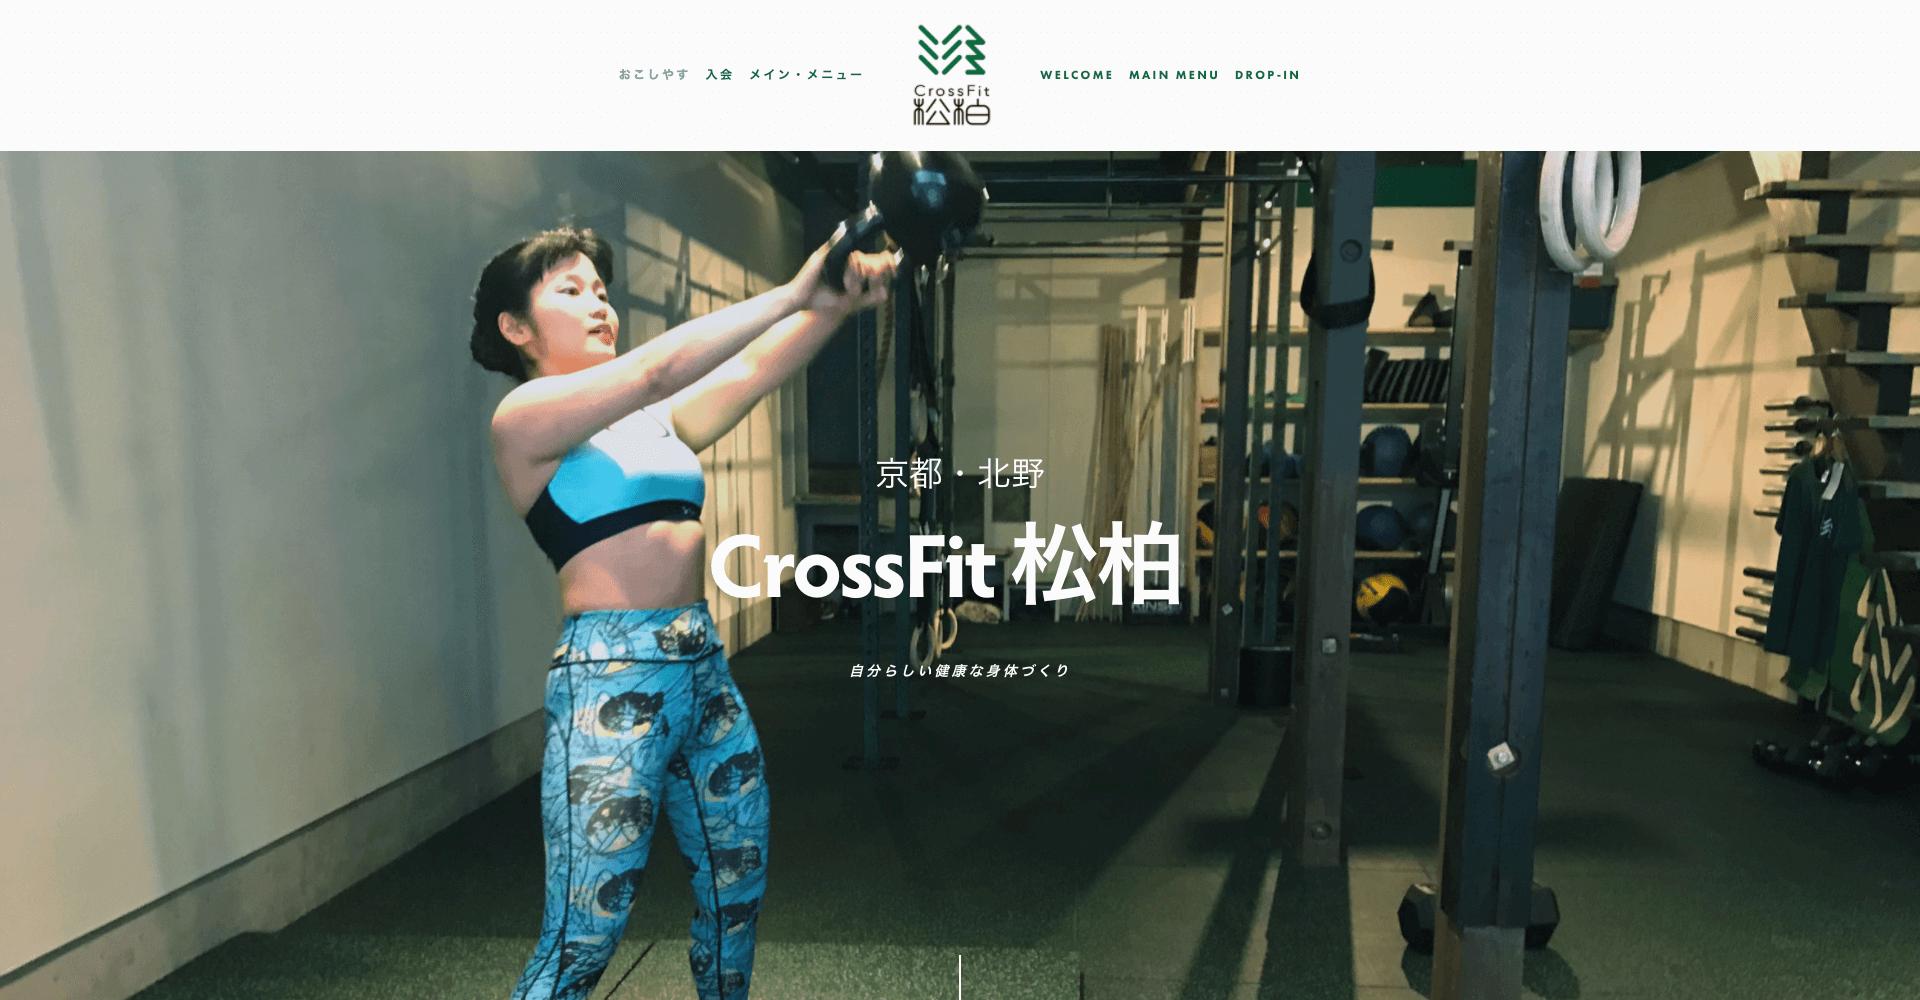 クロスフィット松柏 CrossFit Shohaku